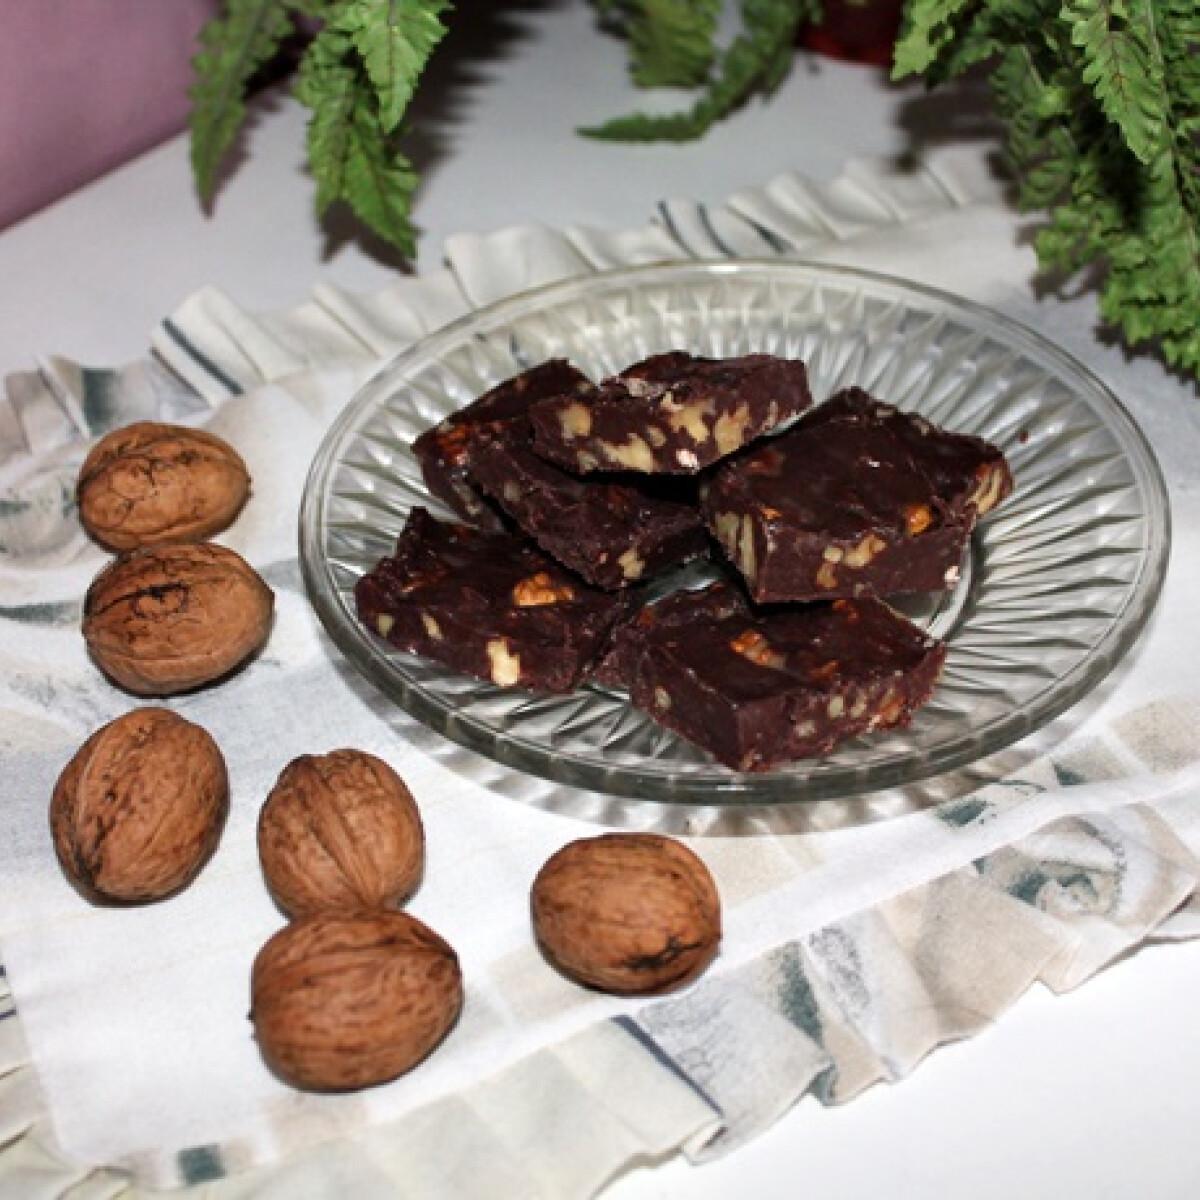 Ezen a képen: Diós csokoládé házilag